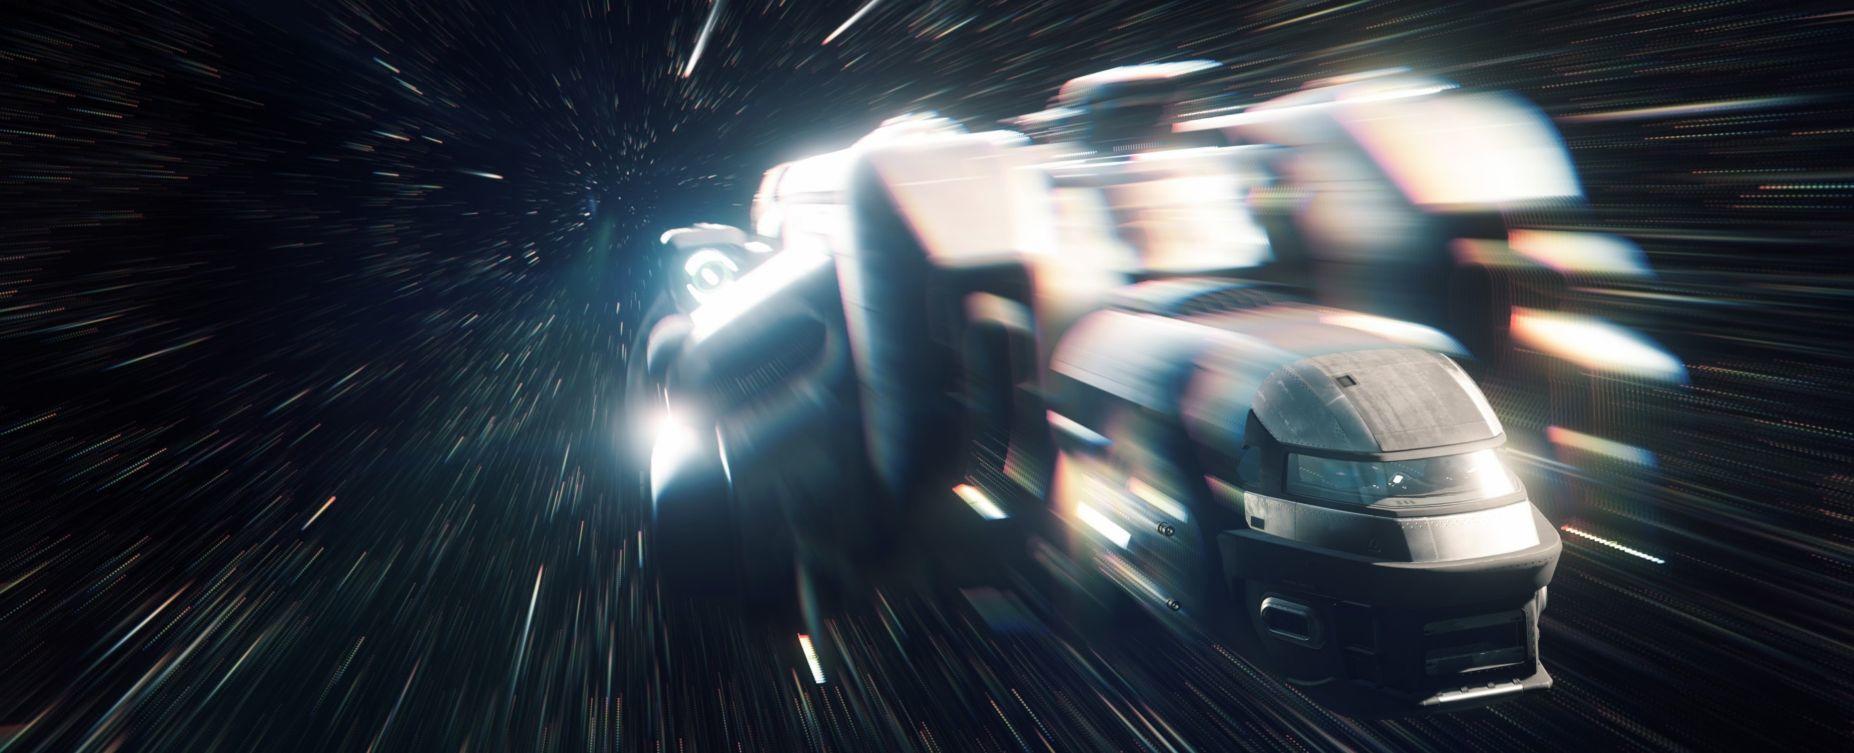 MISC Starfarer podczas lotu